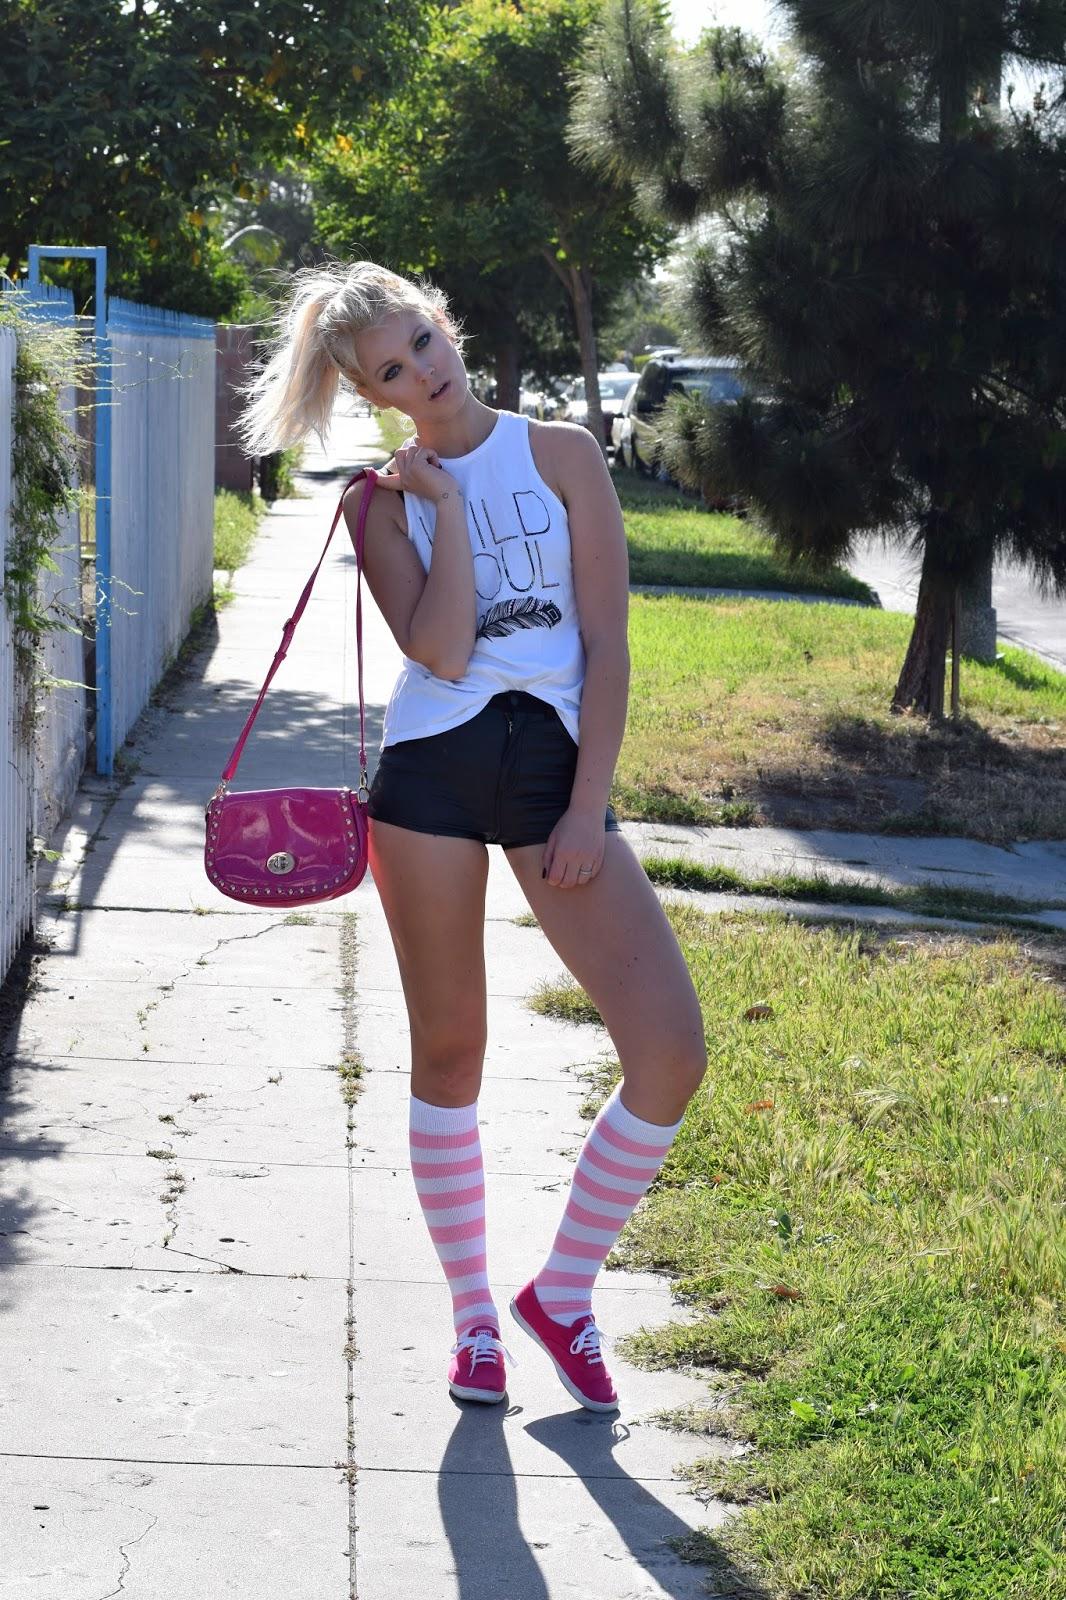 chrissy's socks, over the knee socks, socks, how to style socks, how to wear knee socks, how to wear over the knee socks, college style